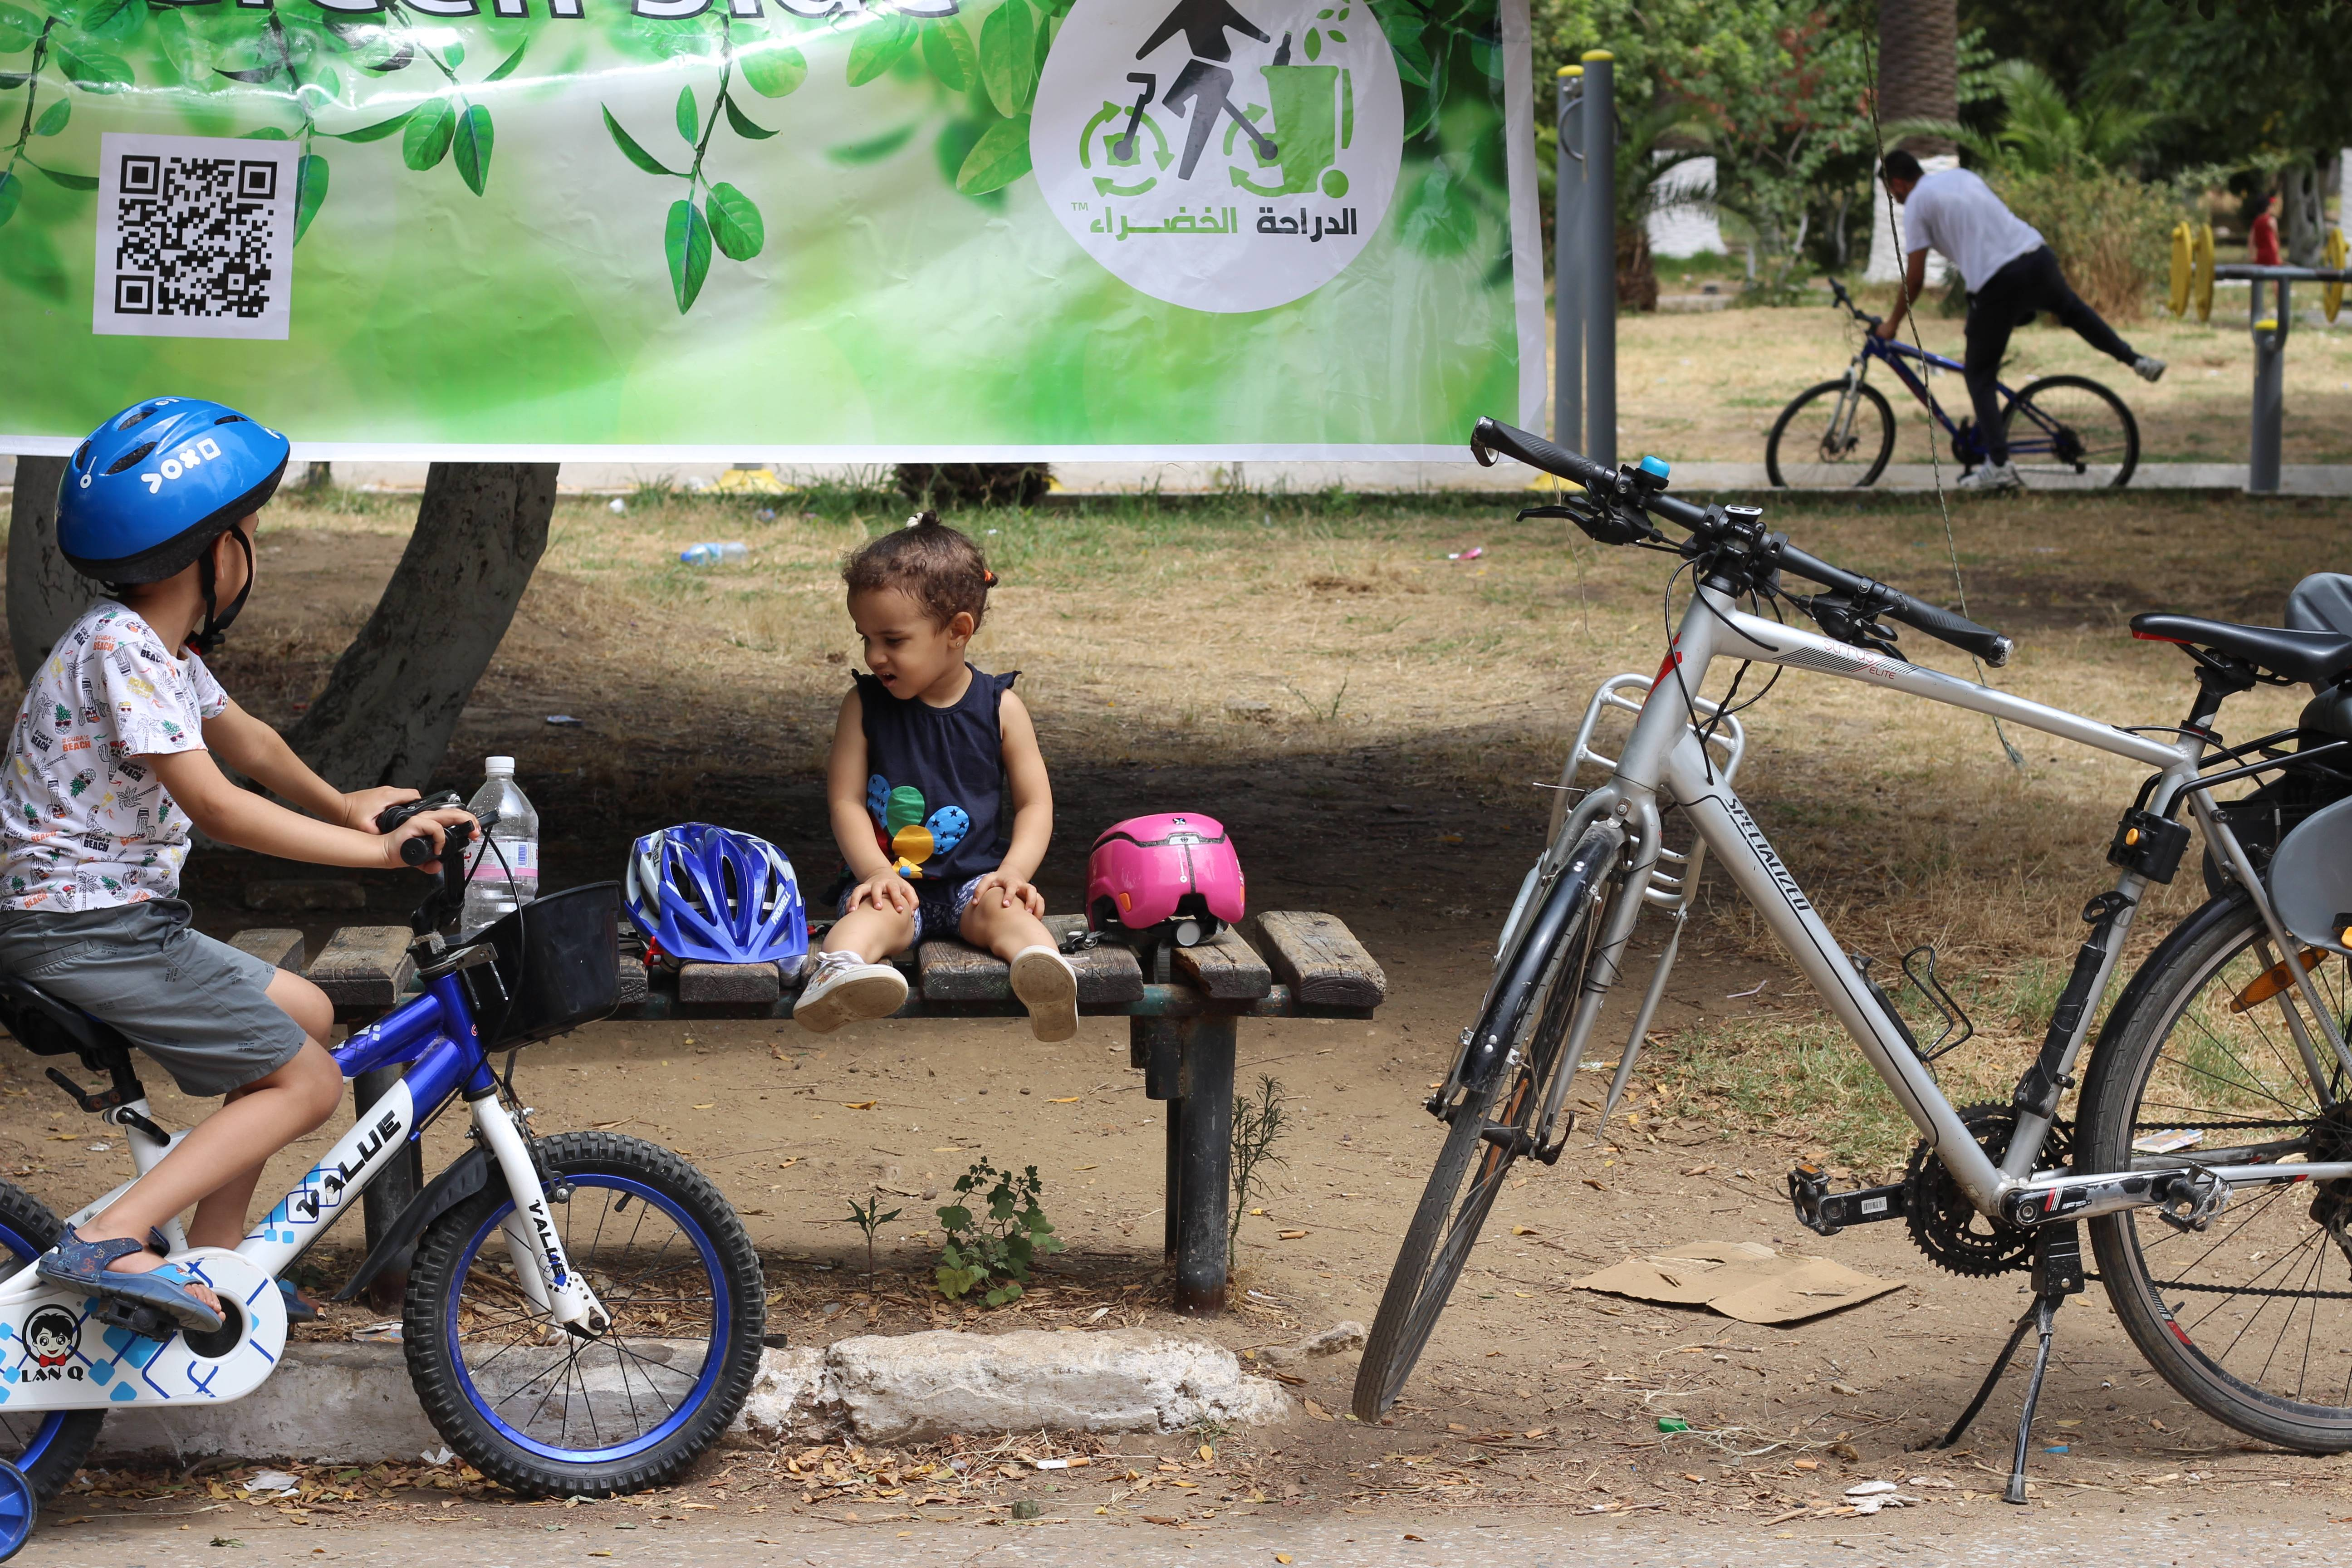 ورشة تصوير مفتوحة للعائلات بالدراجات -  حديقة إيدوغ - GREEN BIKE